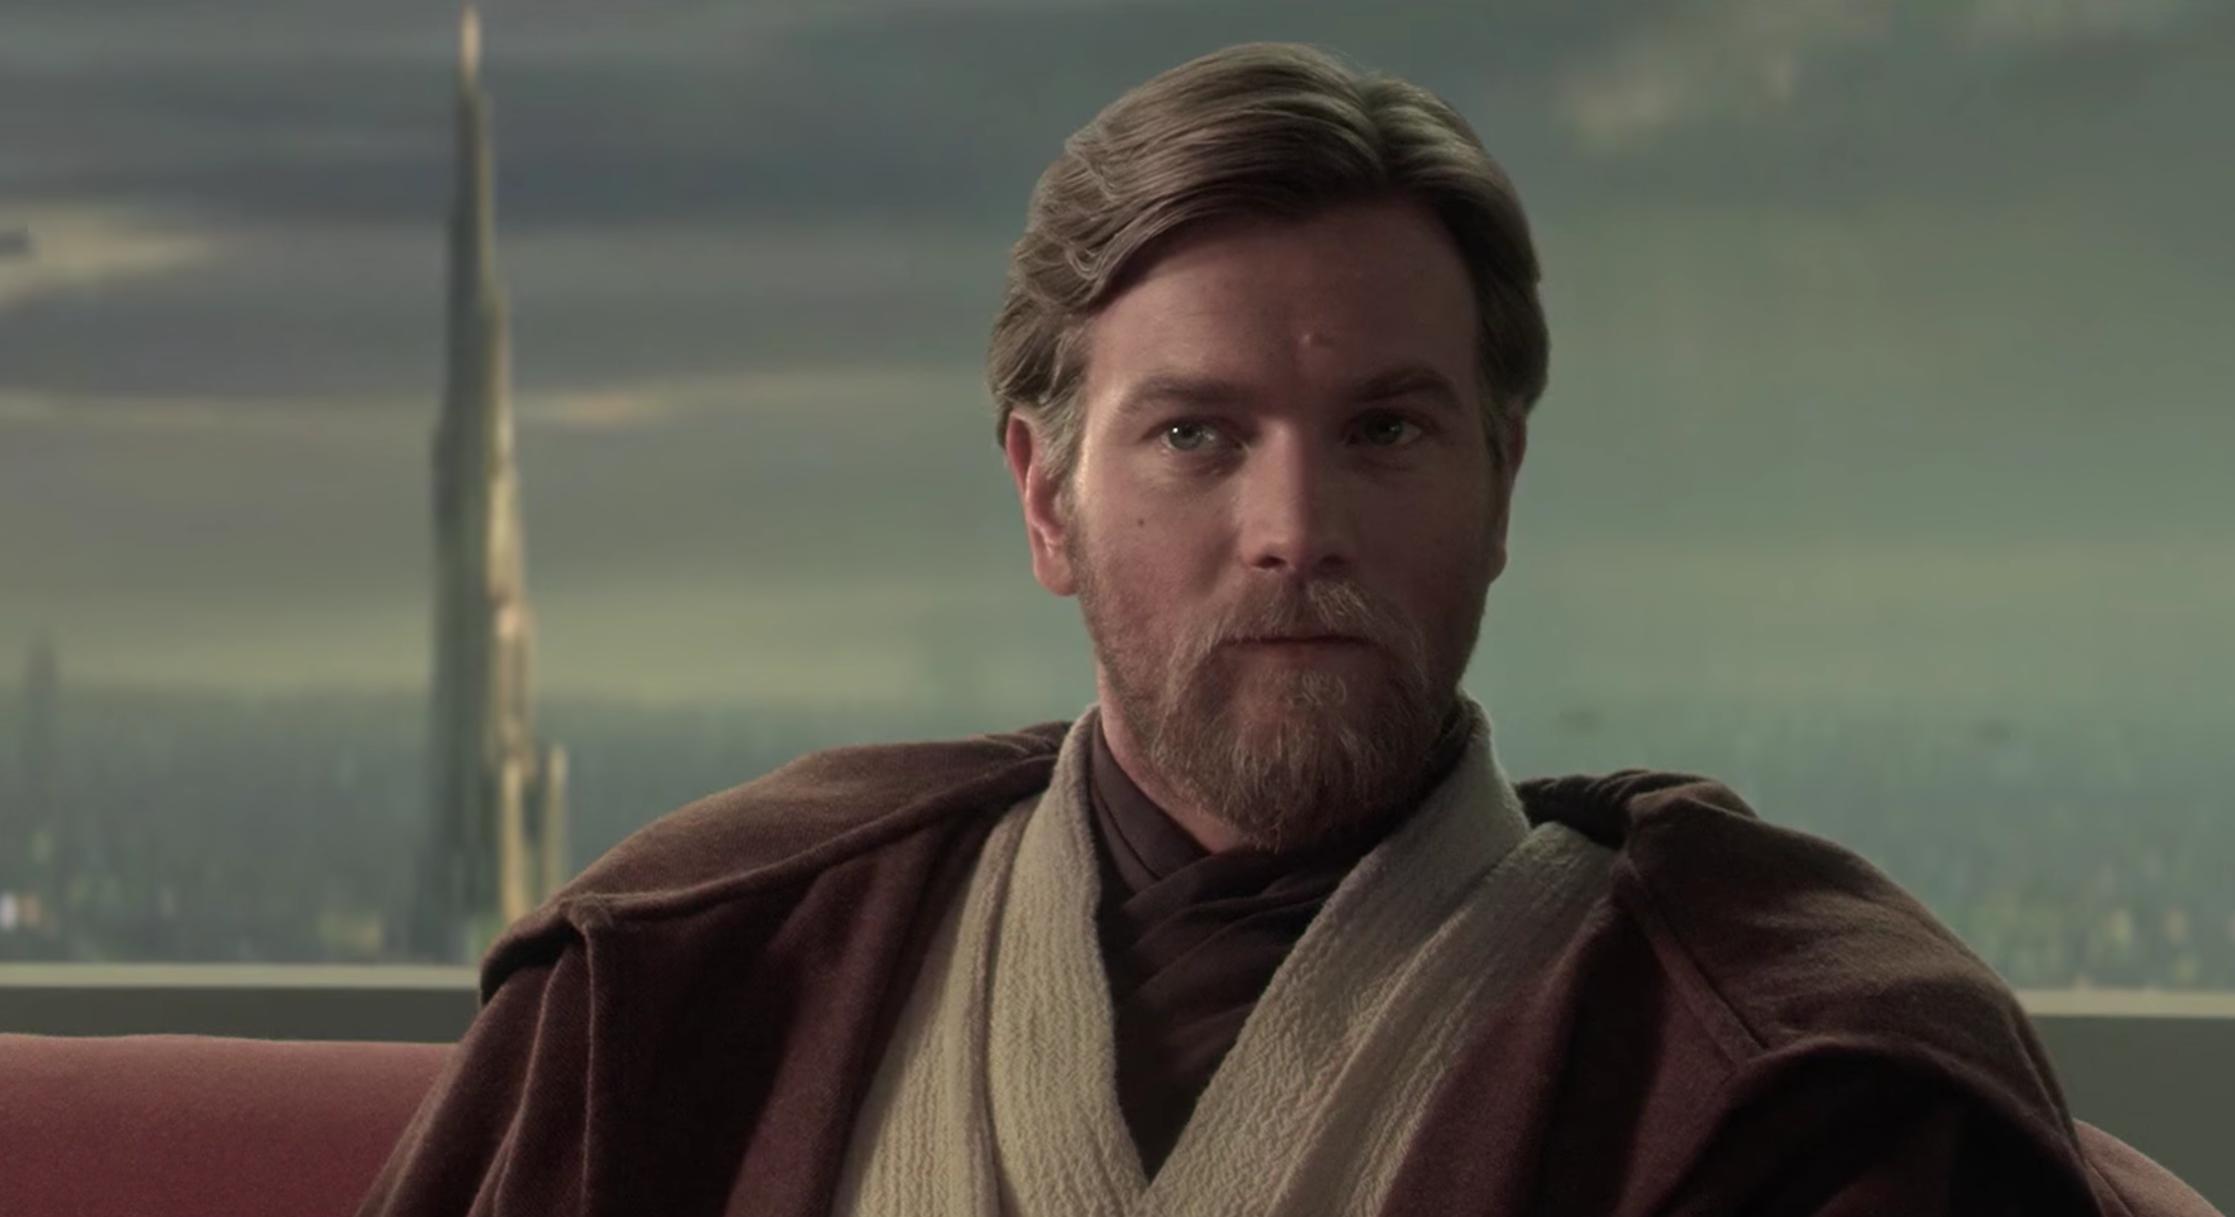 Obi-Wan Kenobi (Star Wars: Revenge of the Sith)